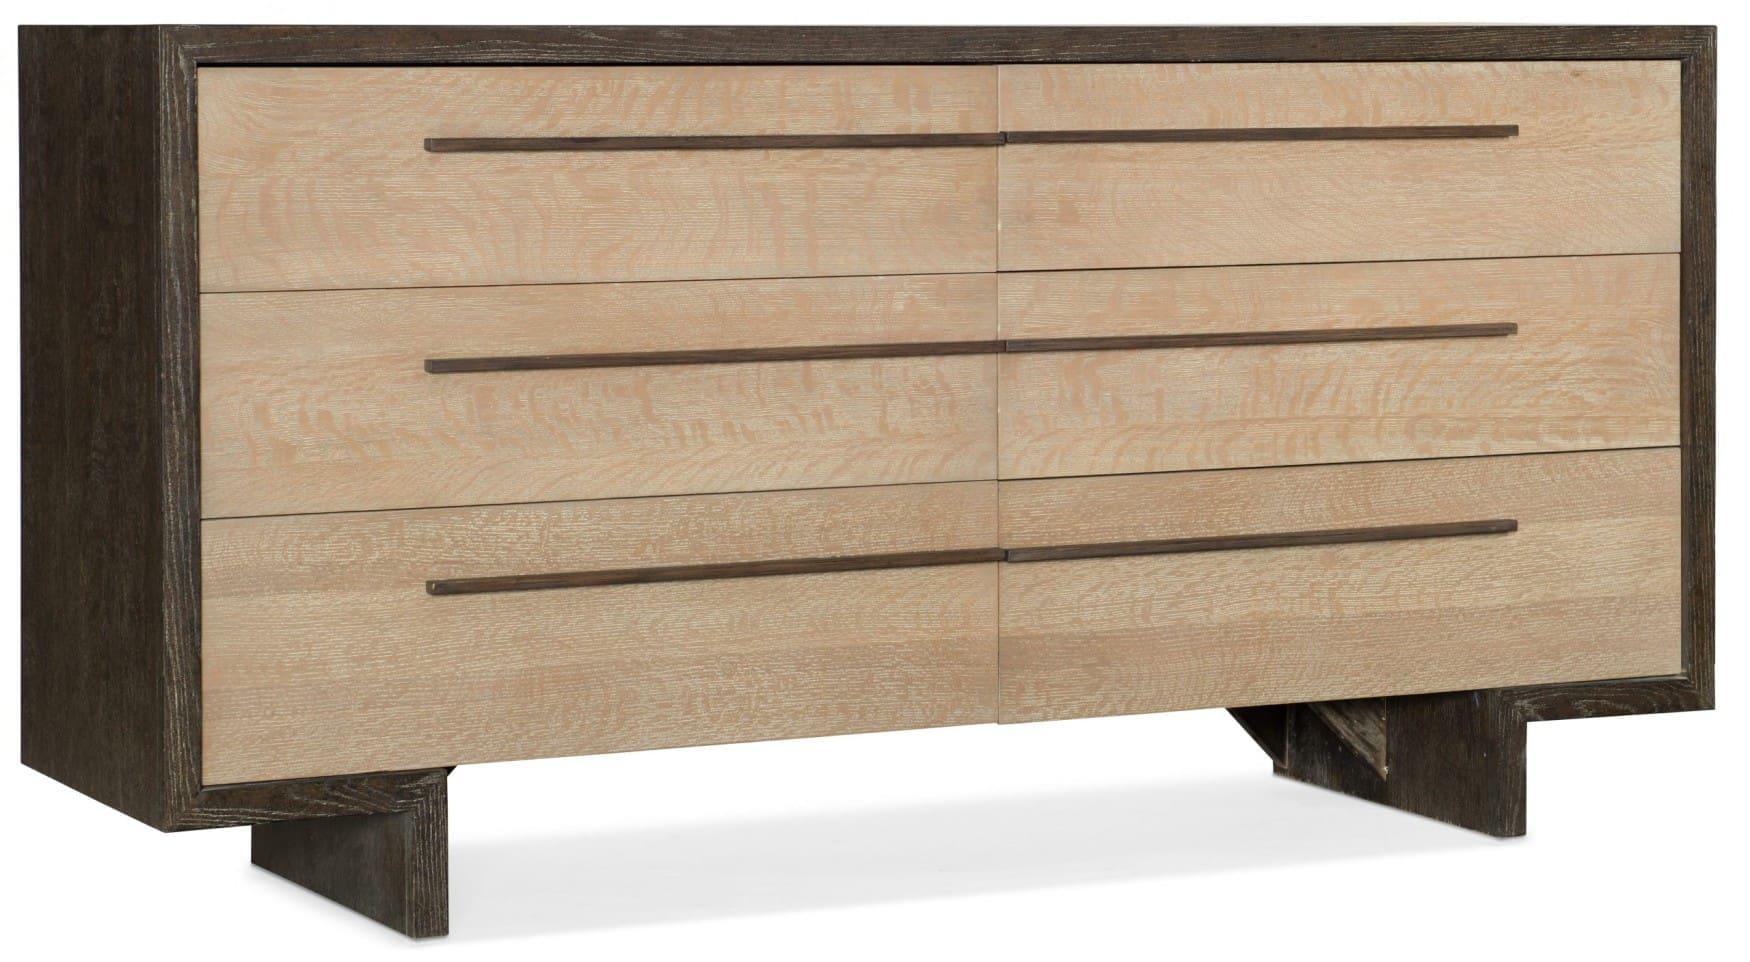 Miramar Point Reyes Richter Six Drawer Dresser